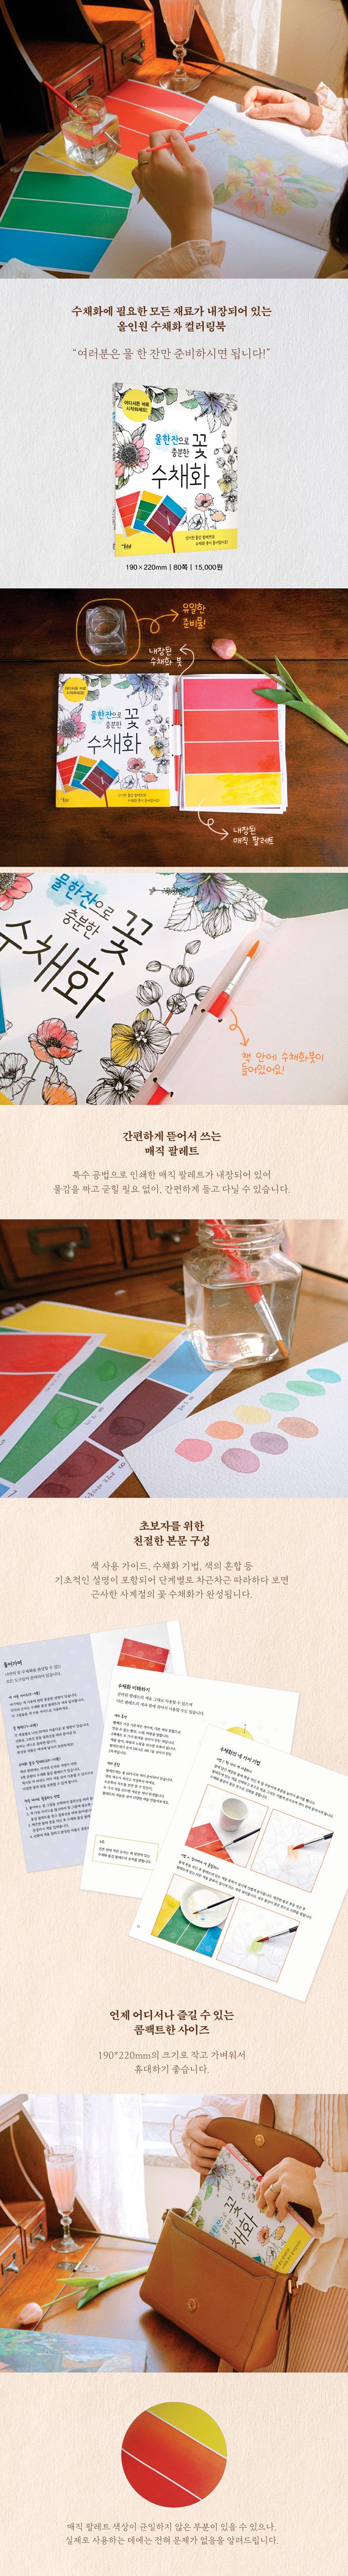 꽃수채화-본문-미리보기(교보).jpg